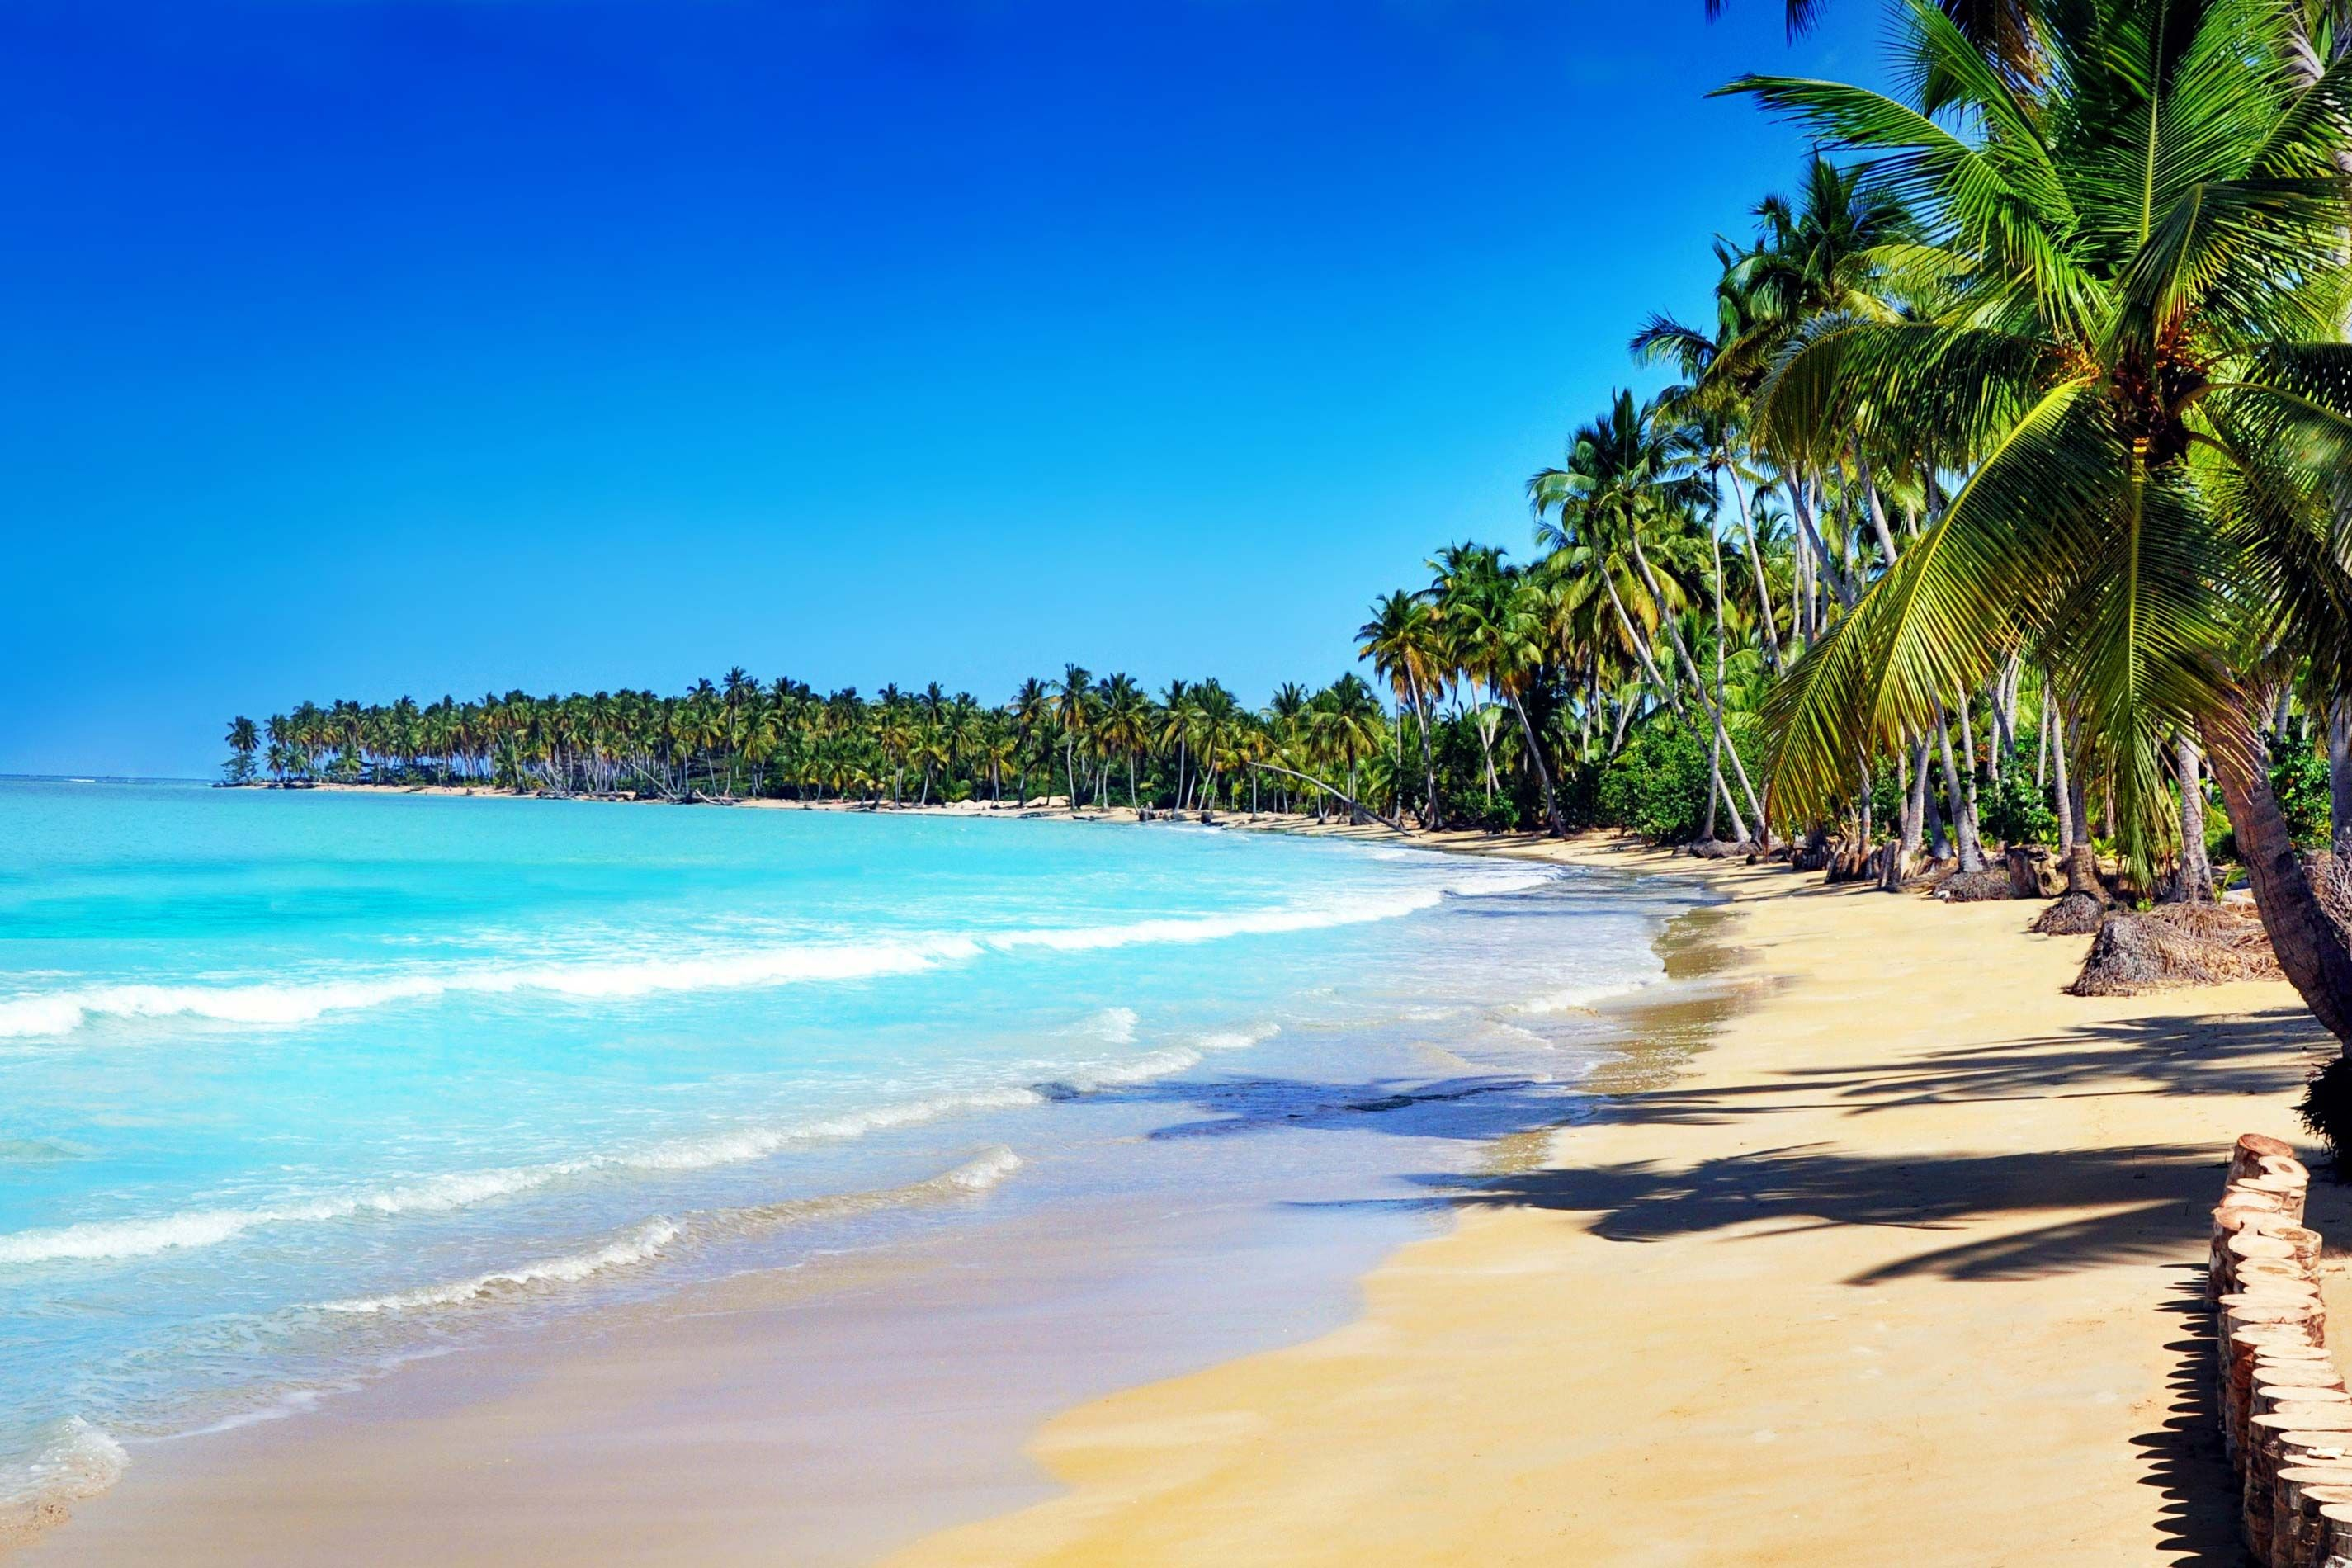 Las Terrenas Dominican Republic Villas In Real Estate On Playa Coson